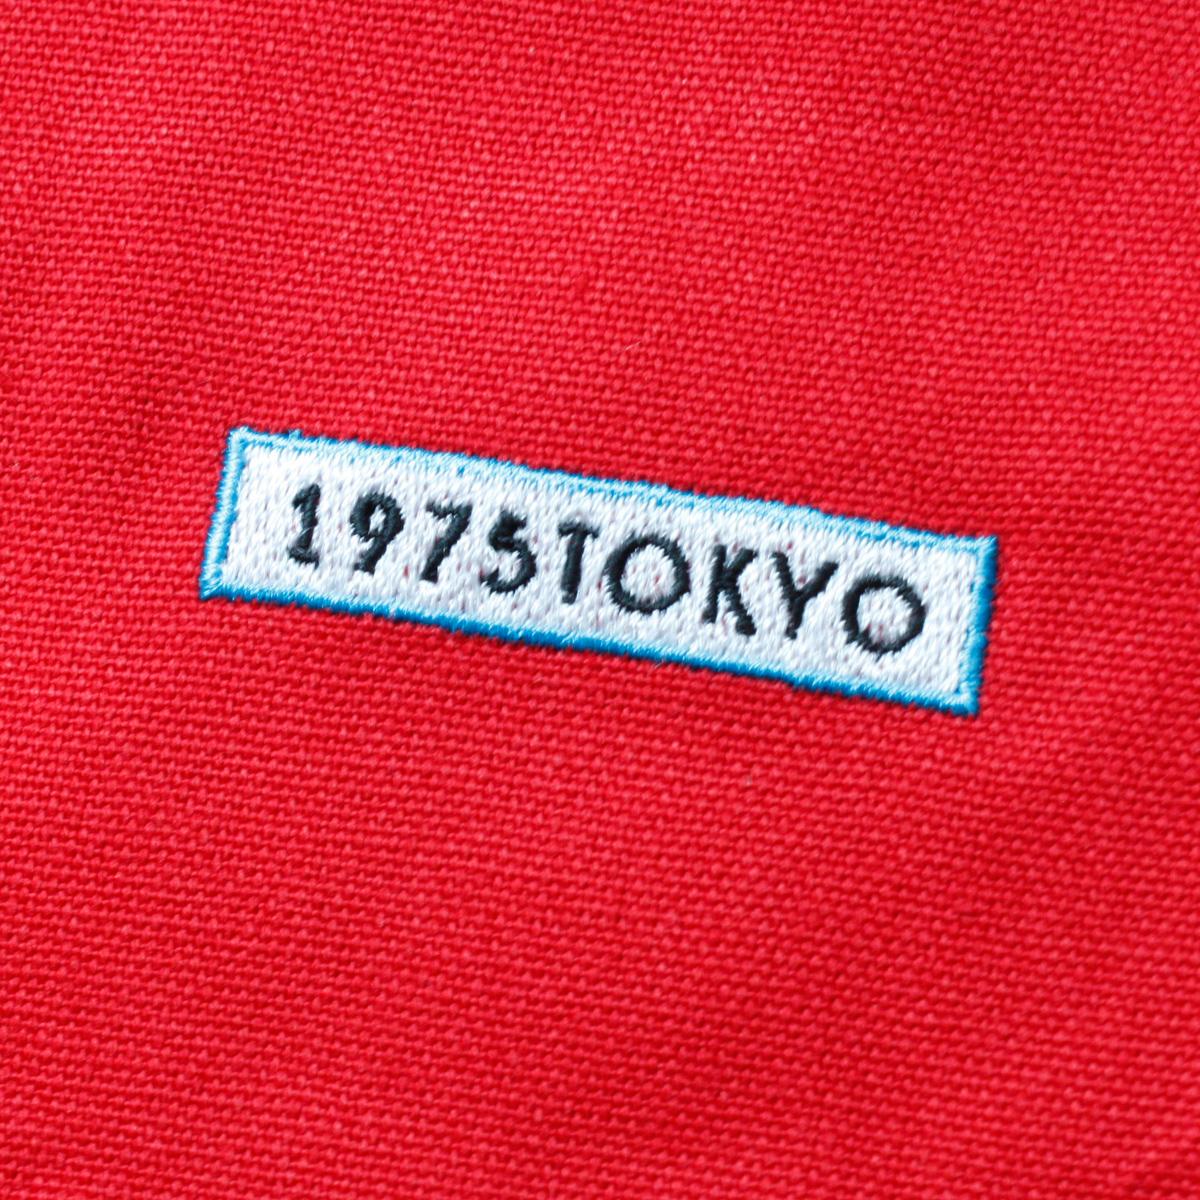 1975 TOKYO 1975トーキョー サコッシュ